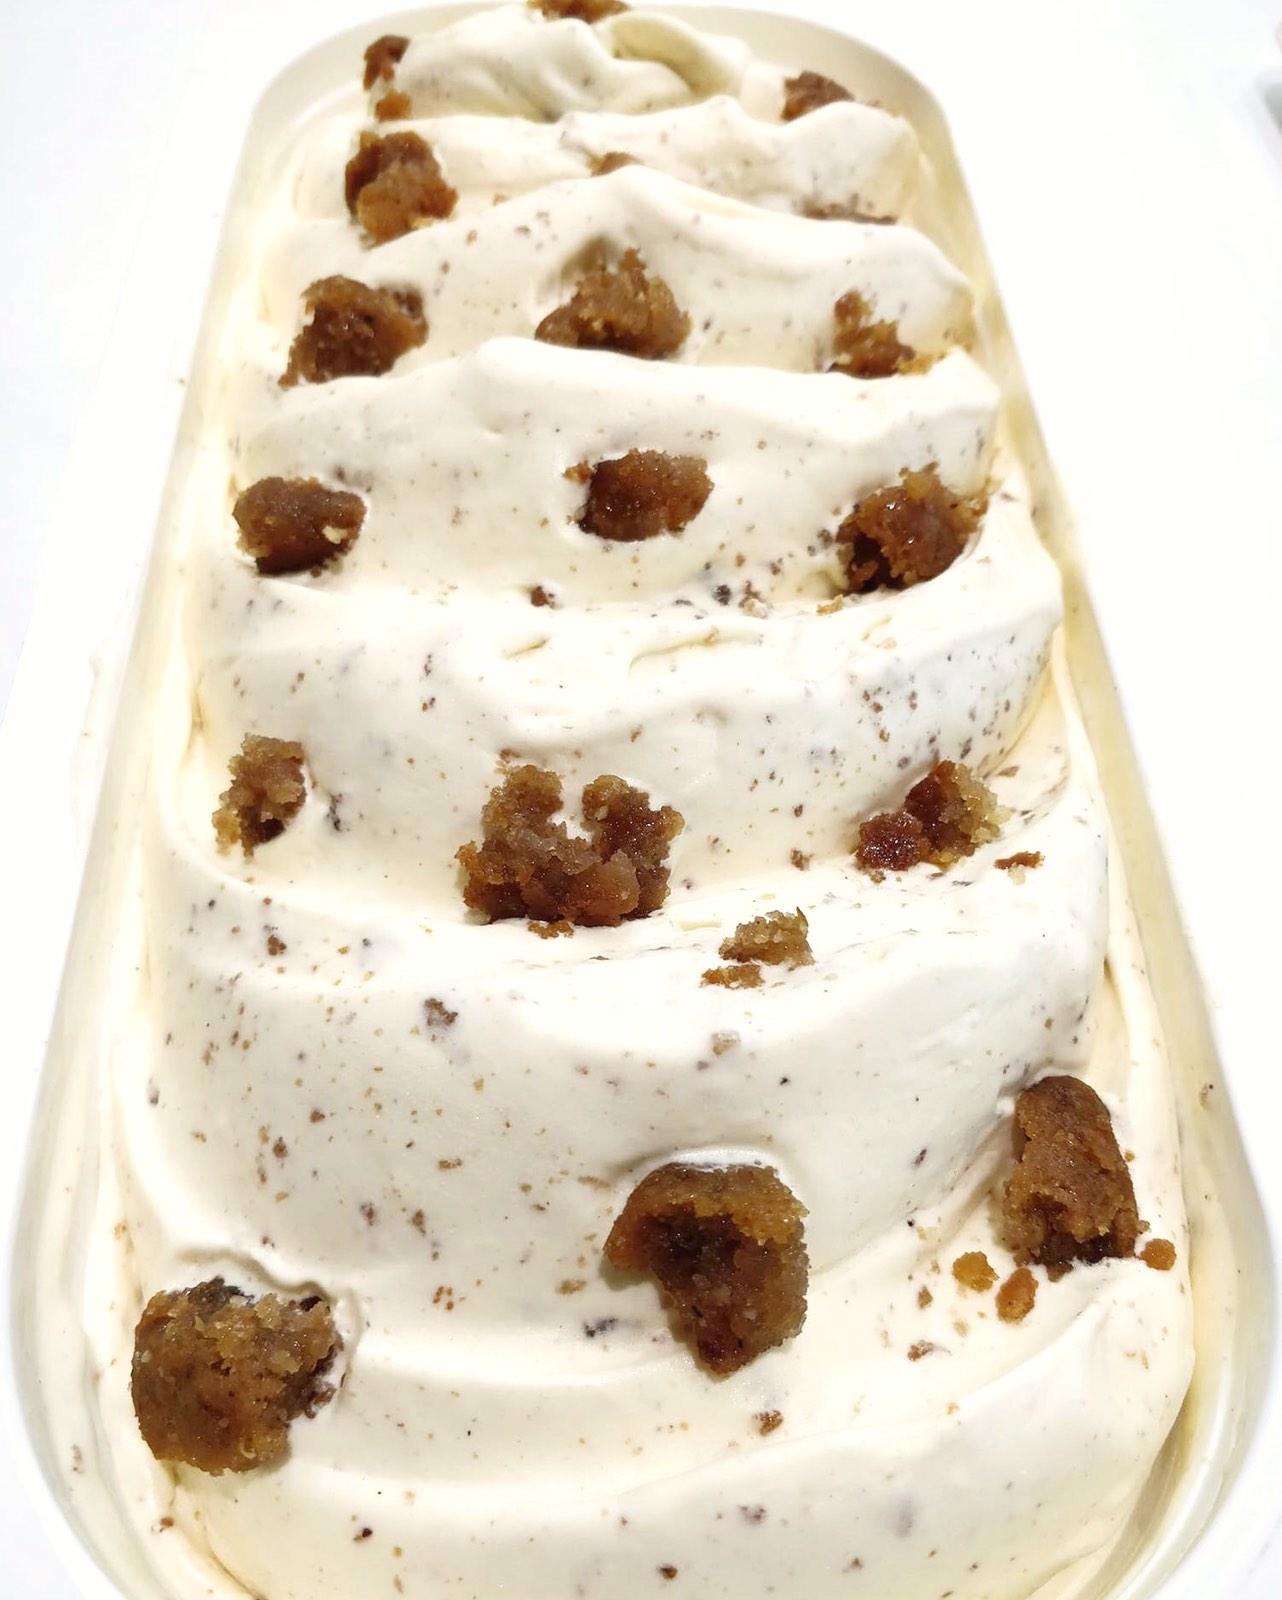 Κομματάκια μελομακάρονου σε βελούδινο παγωτό στο ζαχαροπλαστείο «Κανάκη»